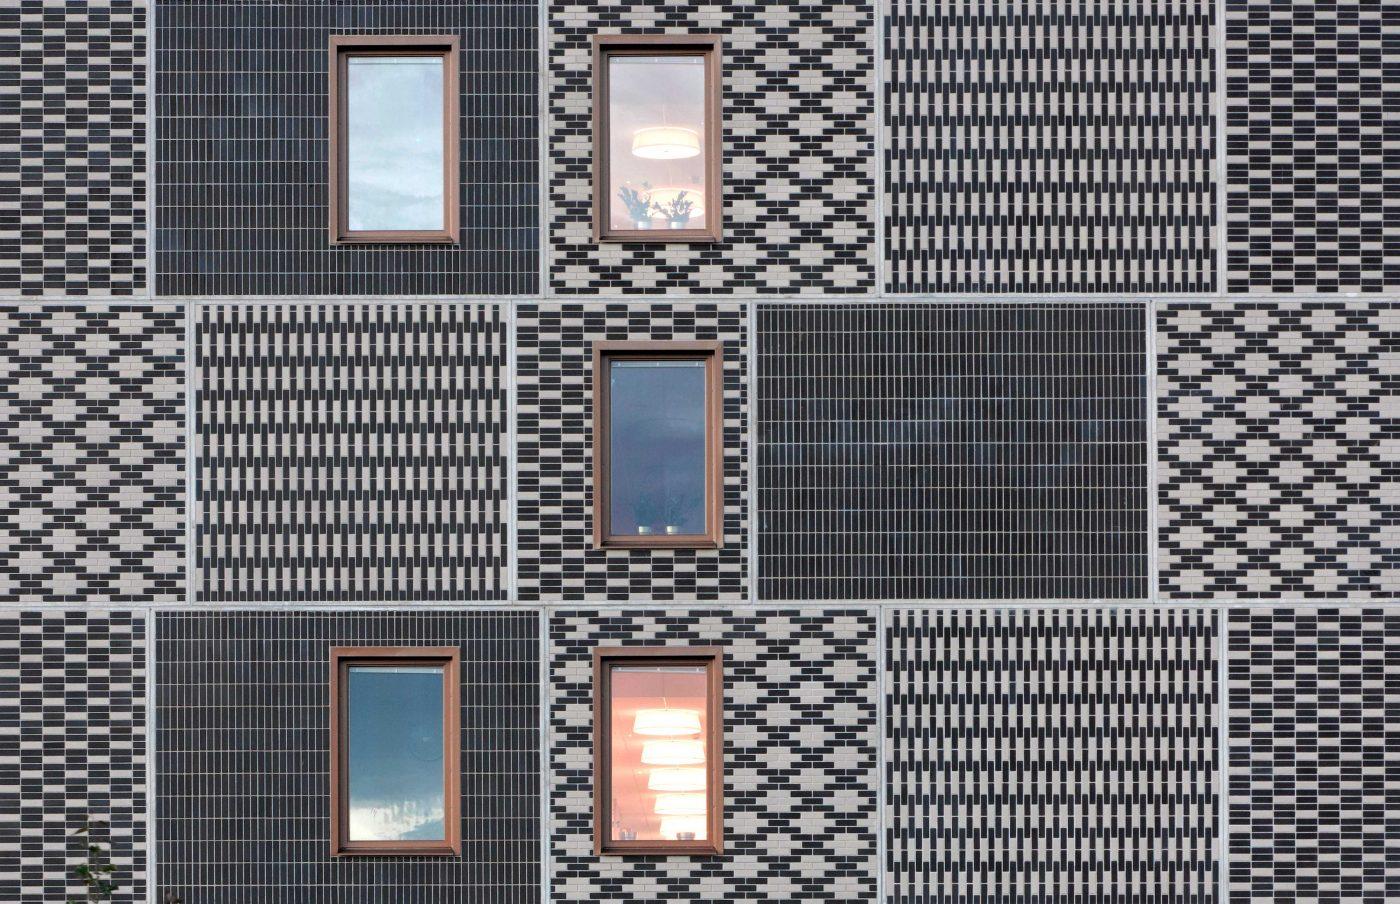 KjellanderSjoberg Skärvetäldreboende fasad fönster 3600x2324px